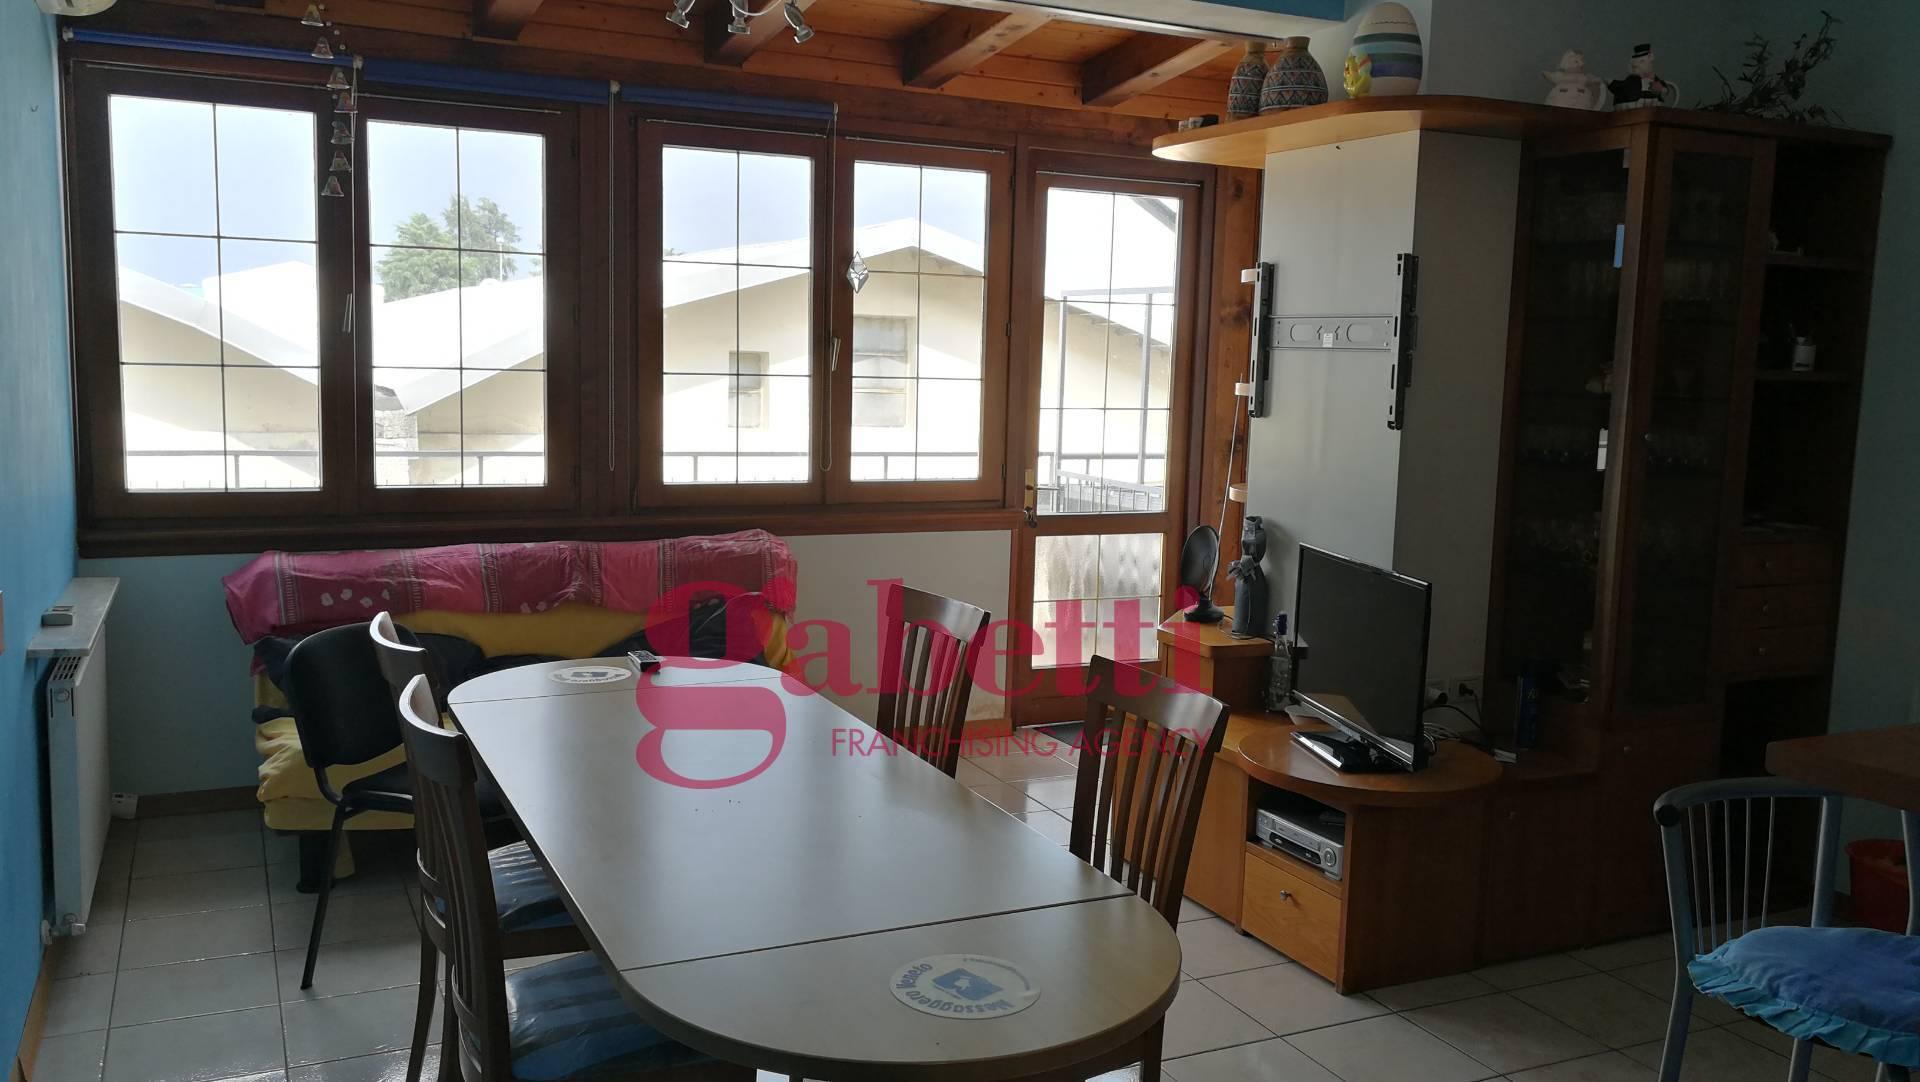 Appartamento in vendita a Tavagnacco, 5 locali, zona Località: FelettoUmberto, Trattative riservate | PortaleAgenzieImmobiliari.it